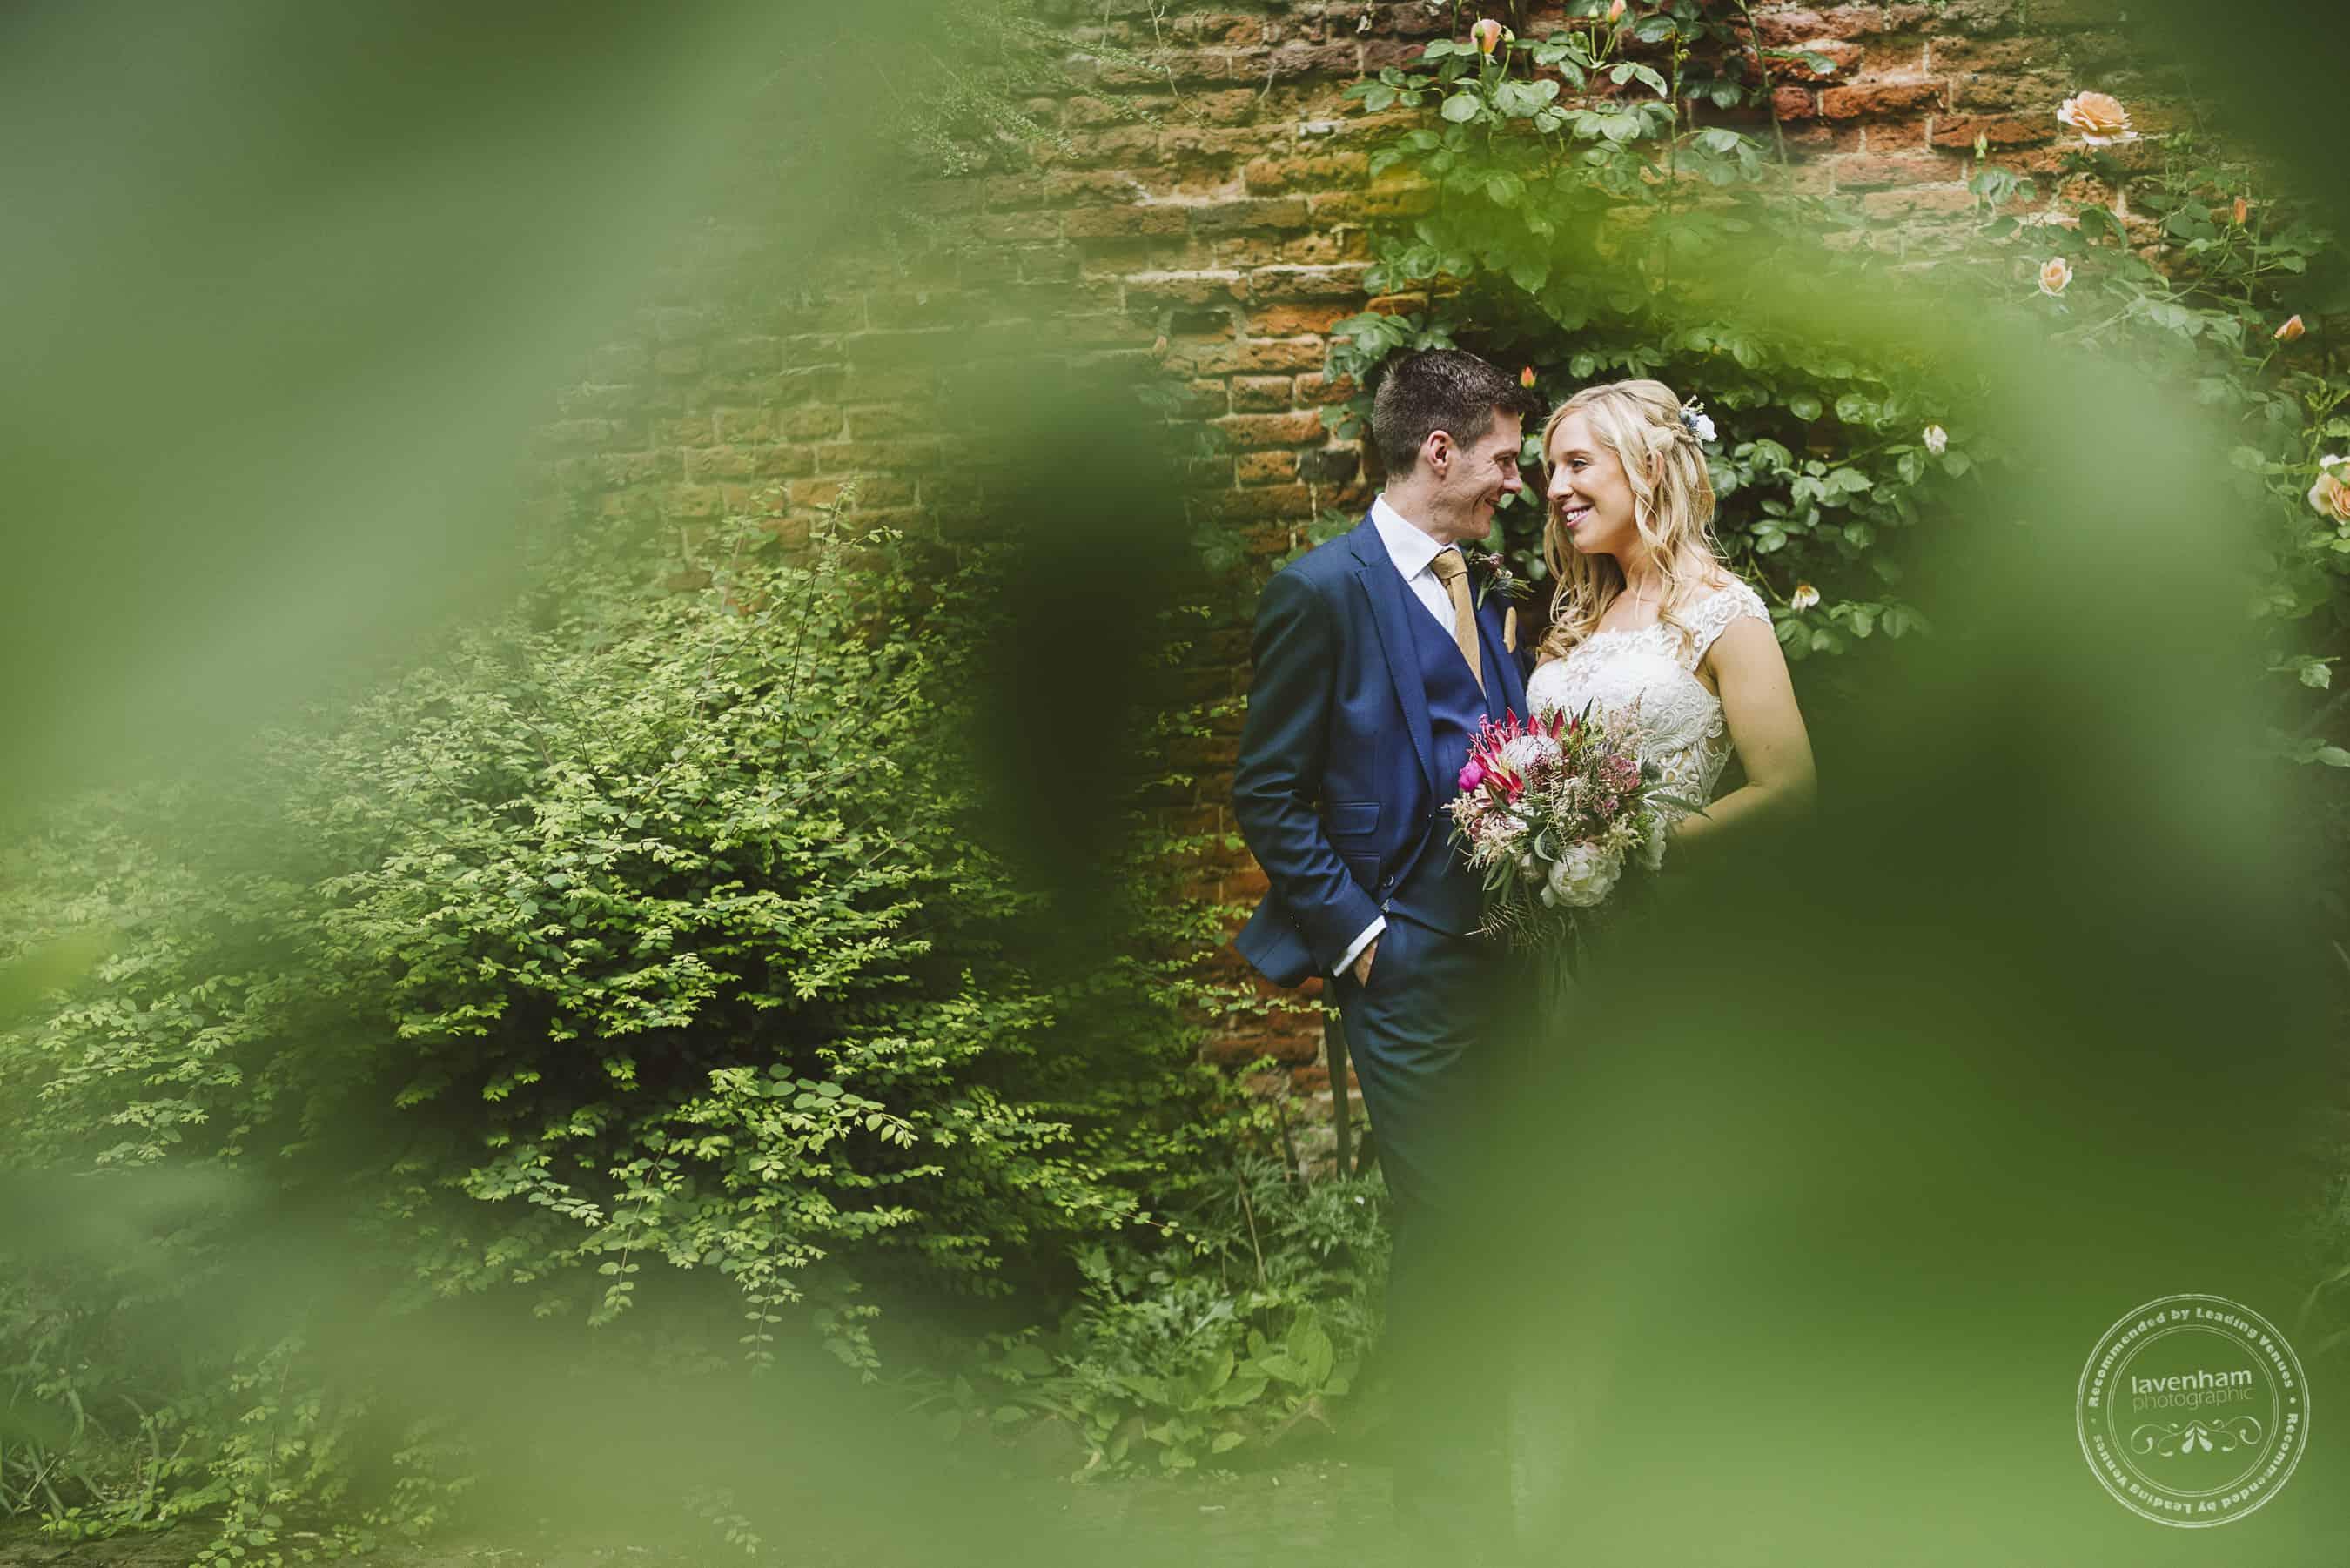 020618 Leez Priory Wedding Photography Lavenham Photographic 112